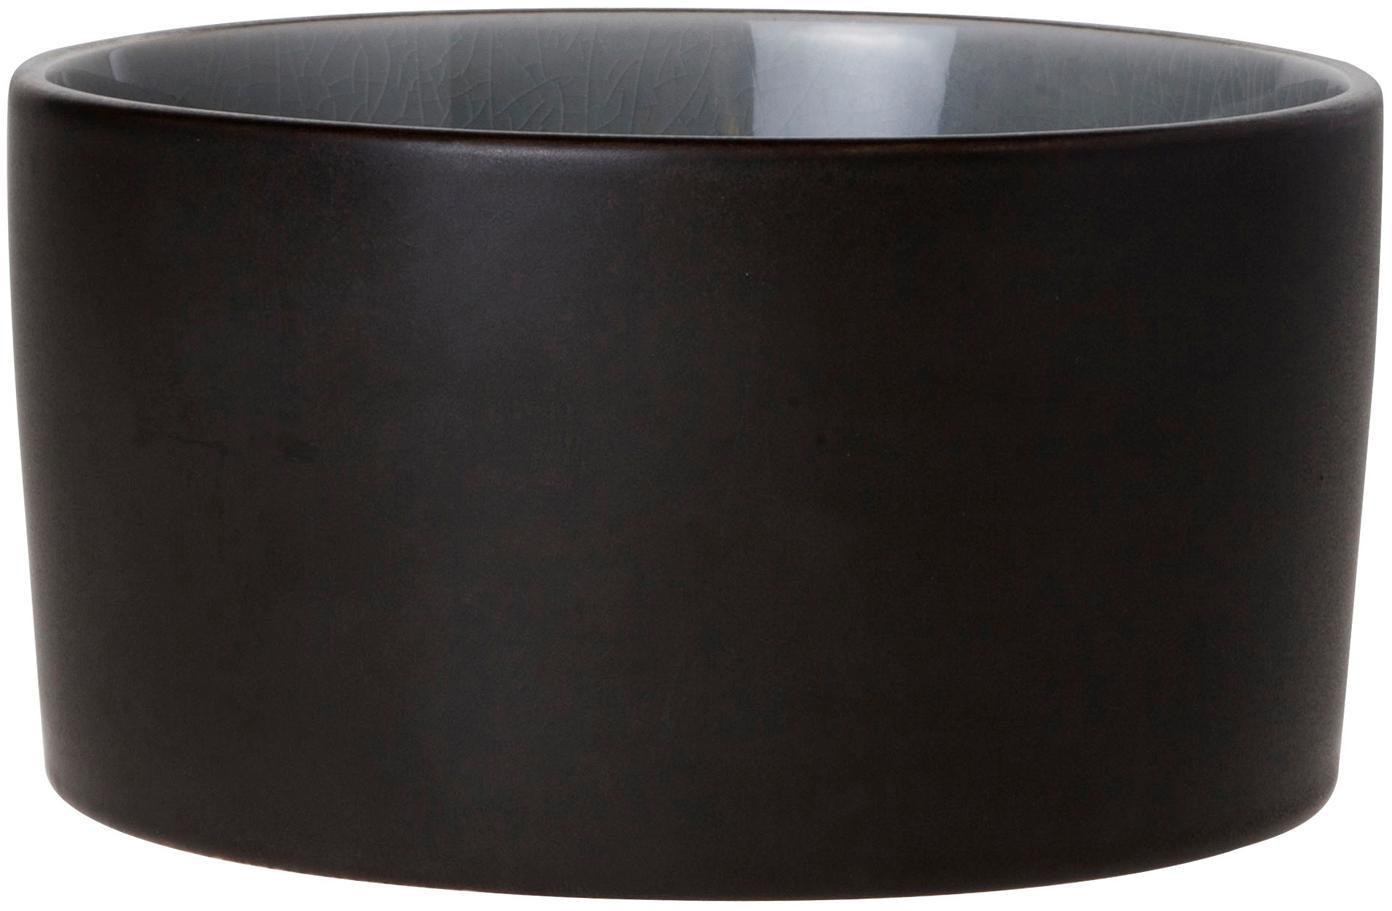 Miska Lagune, 2 szt., Ceramika, Szarobrązowy, jasny szary, Ø 12 x W 6 cm